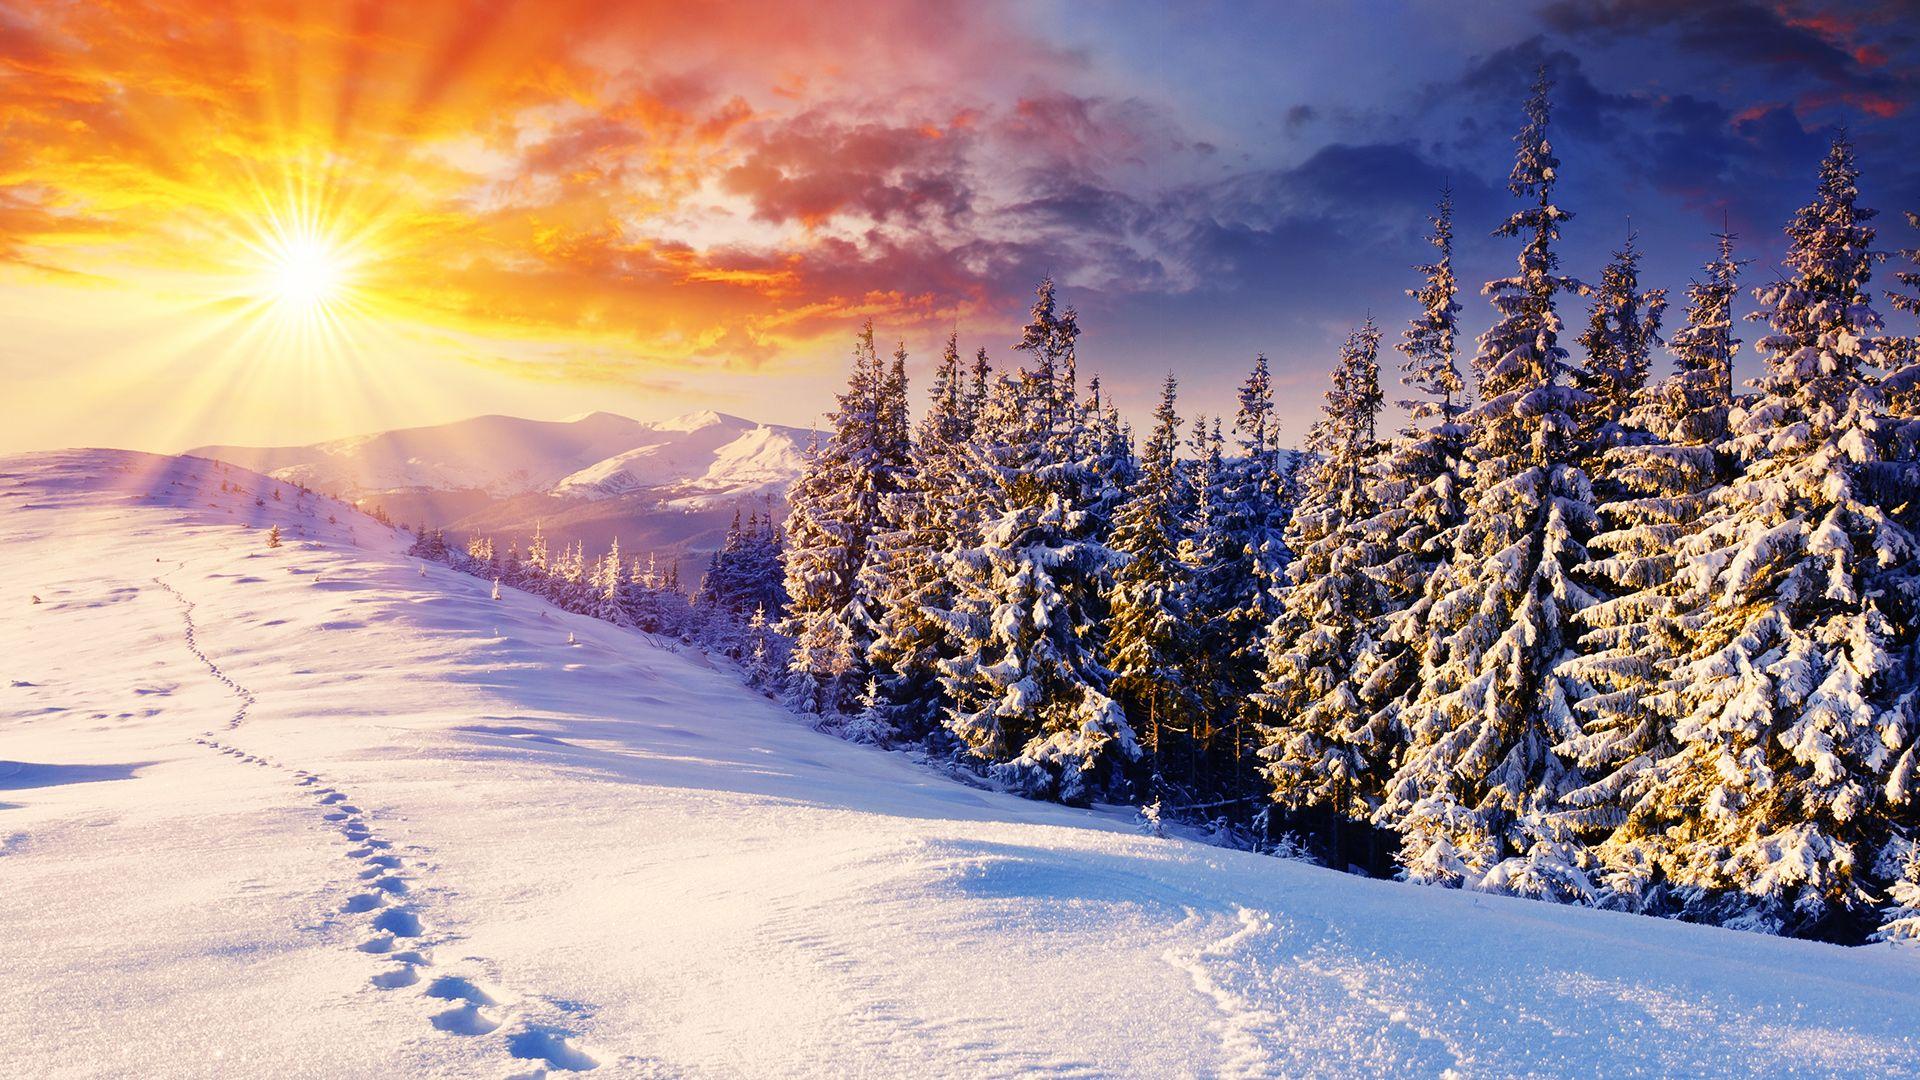 Winter Desktop Wallpaper – Why is it So Popular